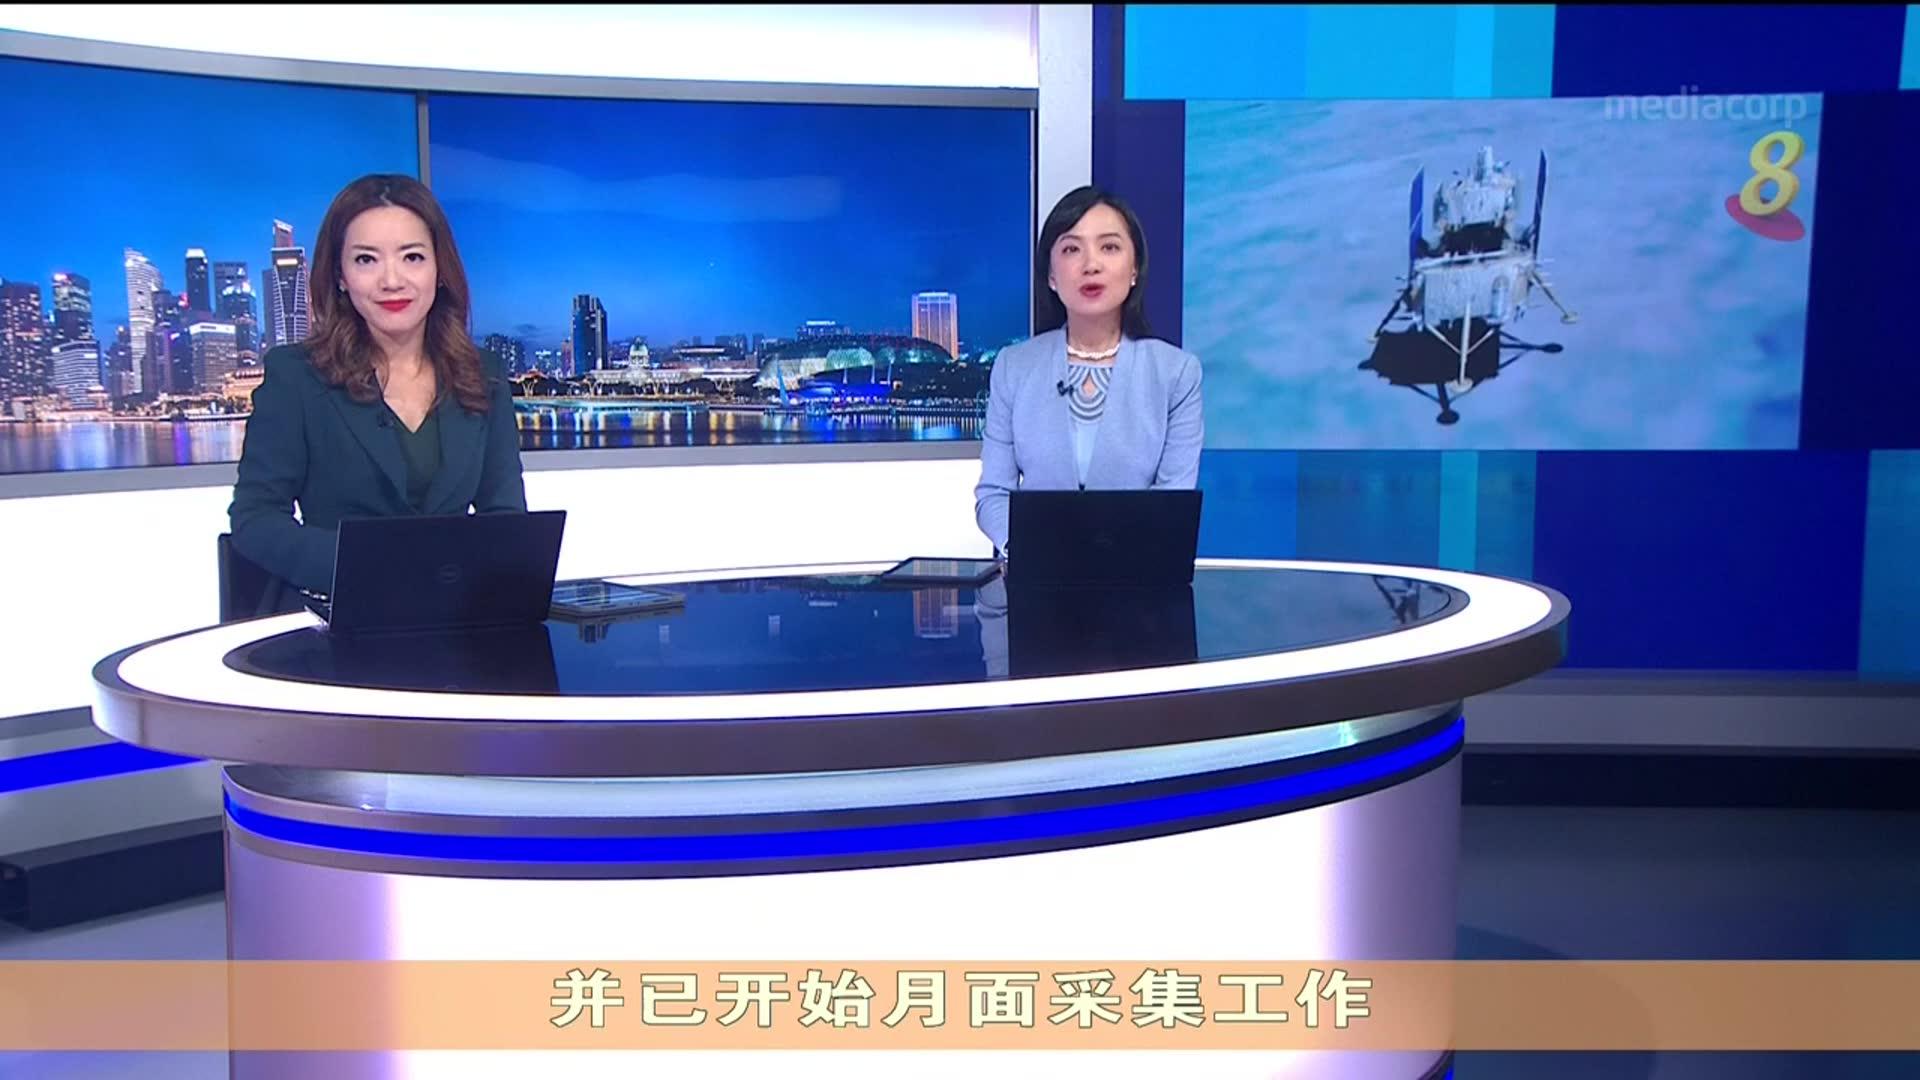 中国探月工程再次取得突破